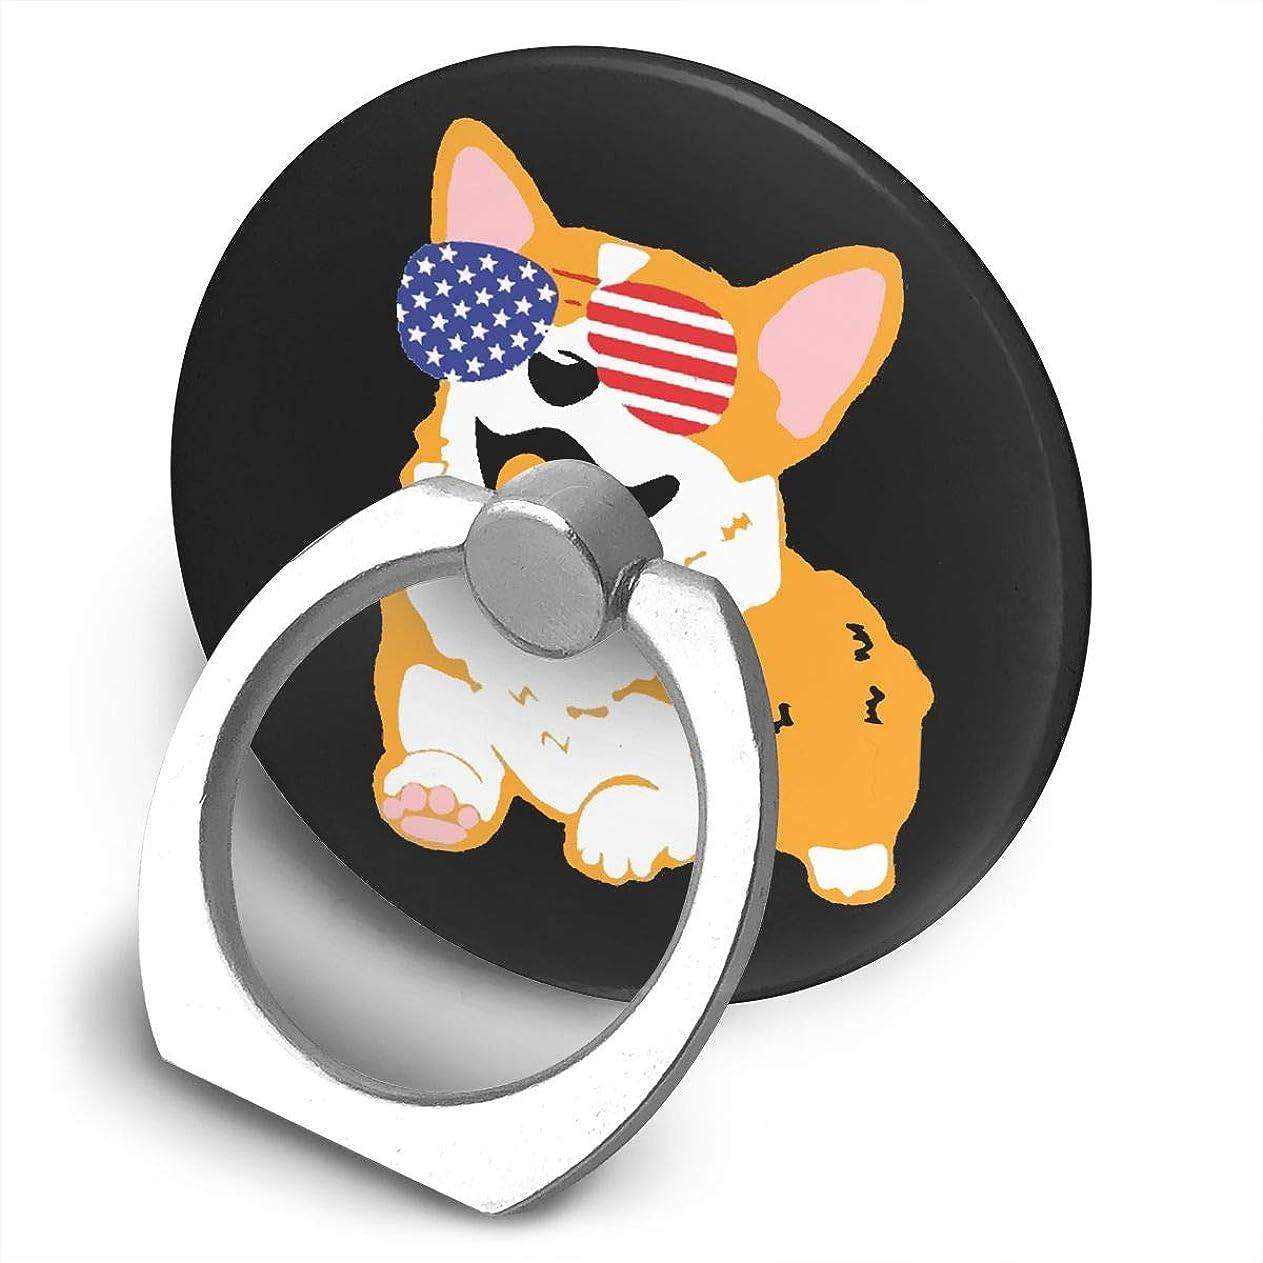 ラウンジ制限忘れられないアメリカ国旗メガネ犬 360度回転 携帯リング スタンド スマホスタンド ホルダー 薄型 指輪 リング 携帯アクセサリースタンド機能 落下防止